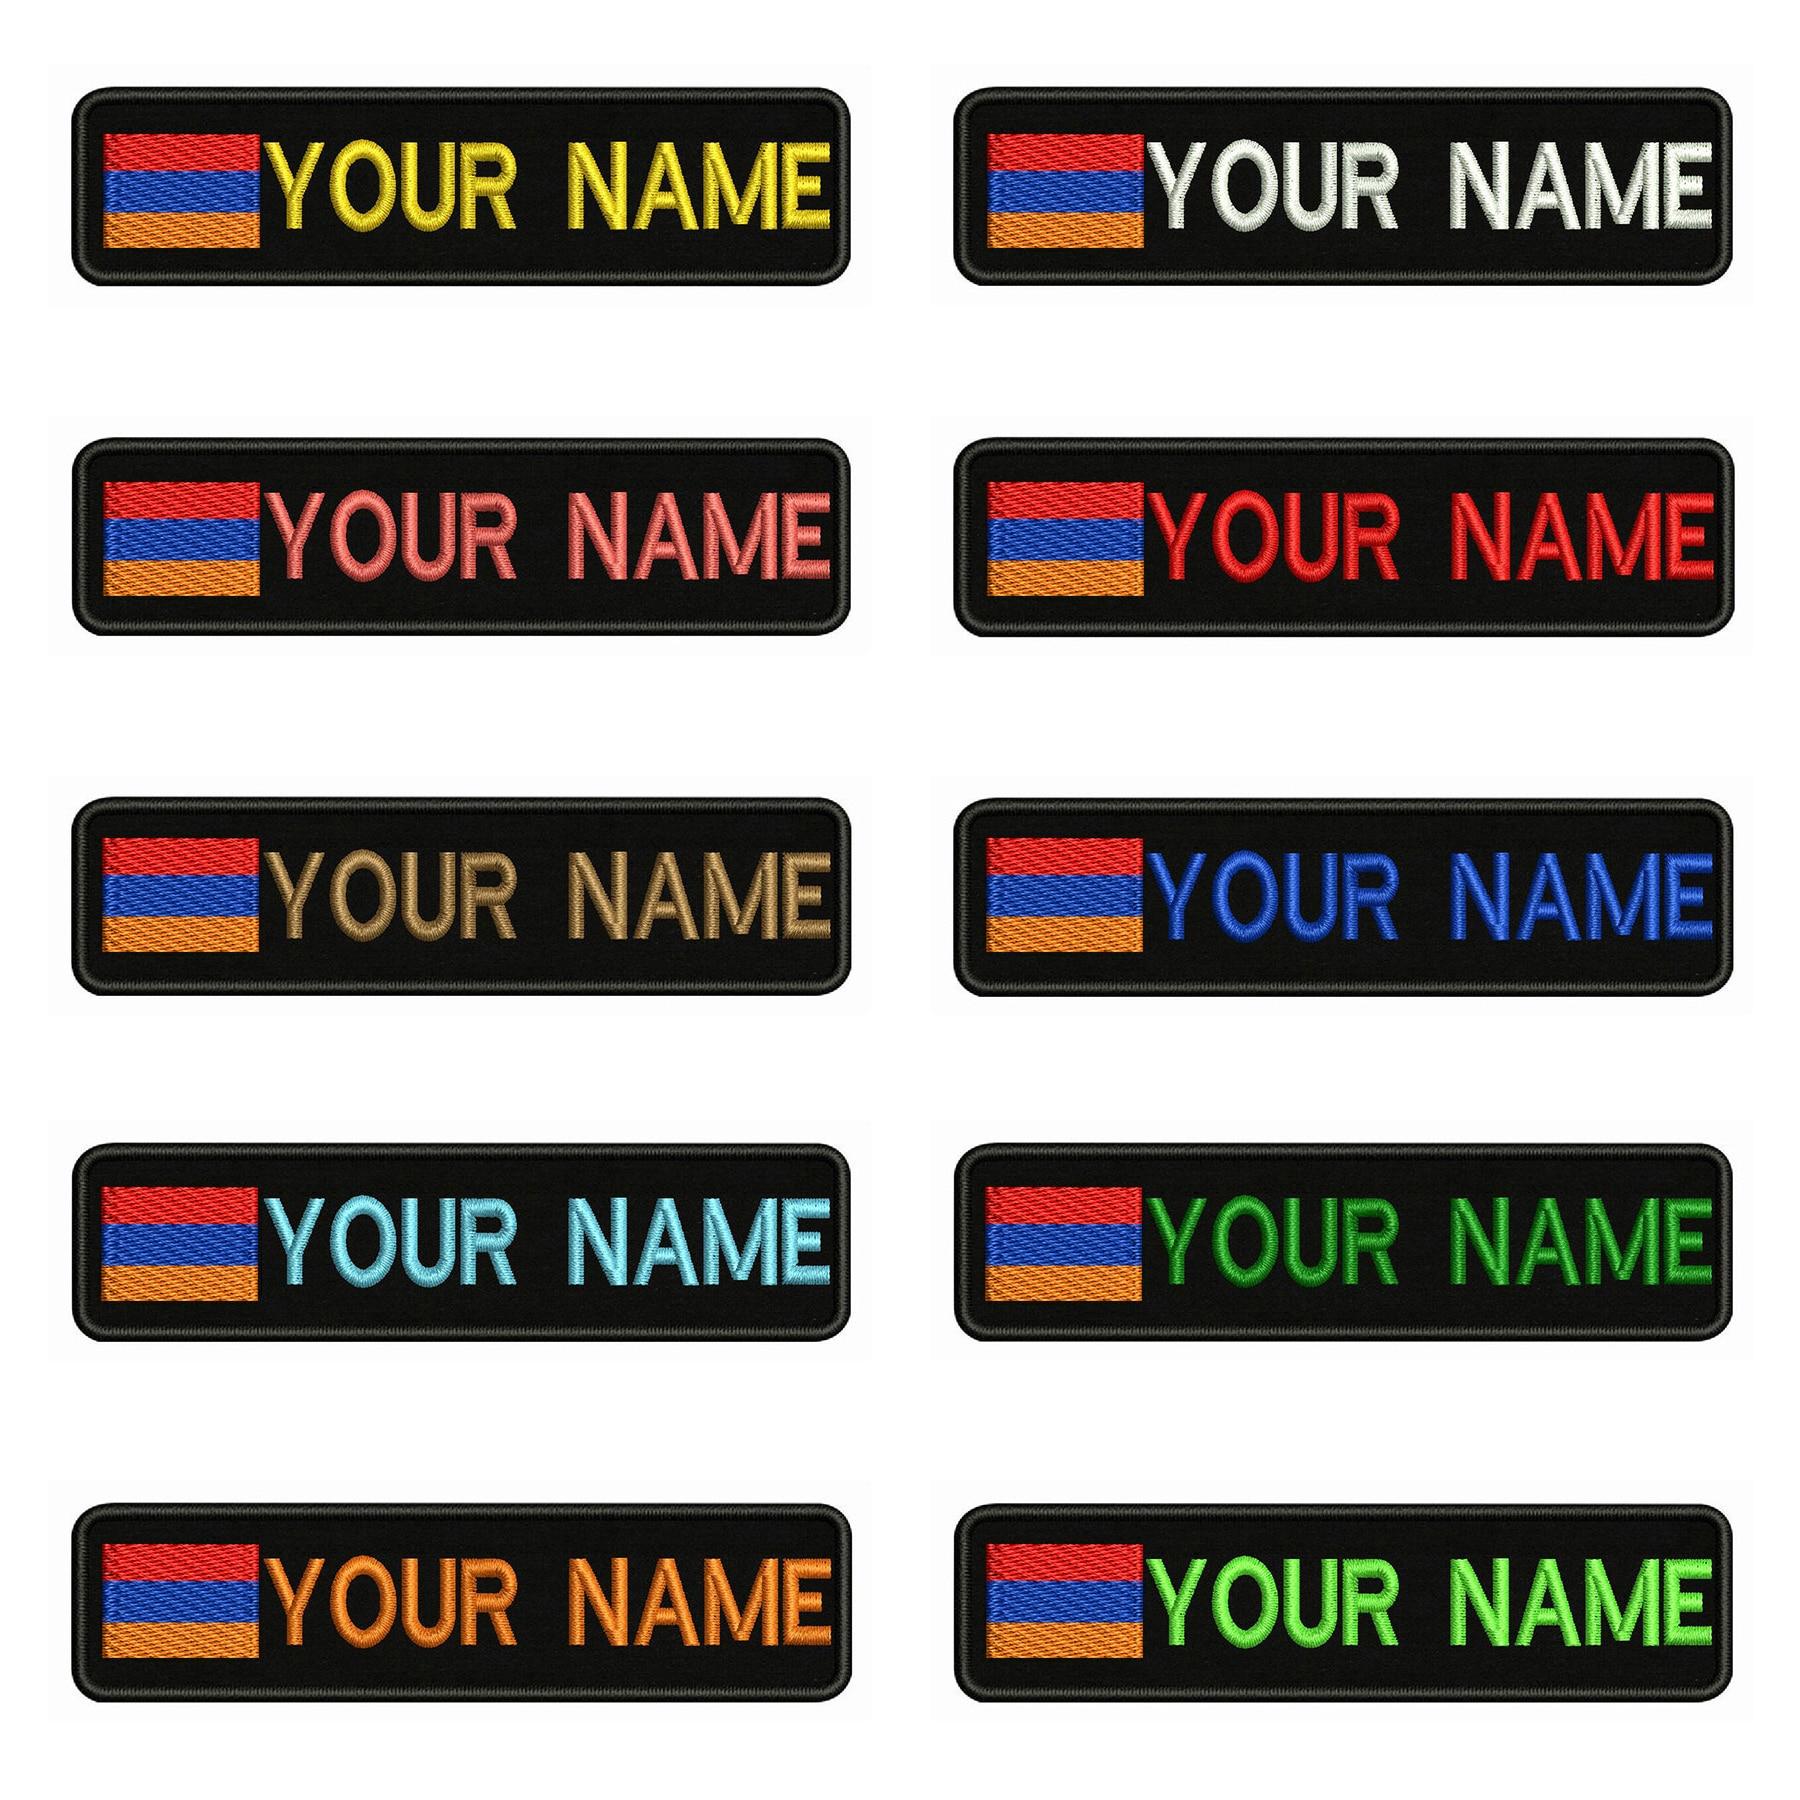 Вышитое имя, заплатка с текстом в полоску, нашивка с железной подкладкой или липучкой для одежды, 10x2,5 см